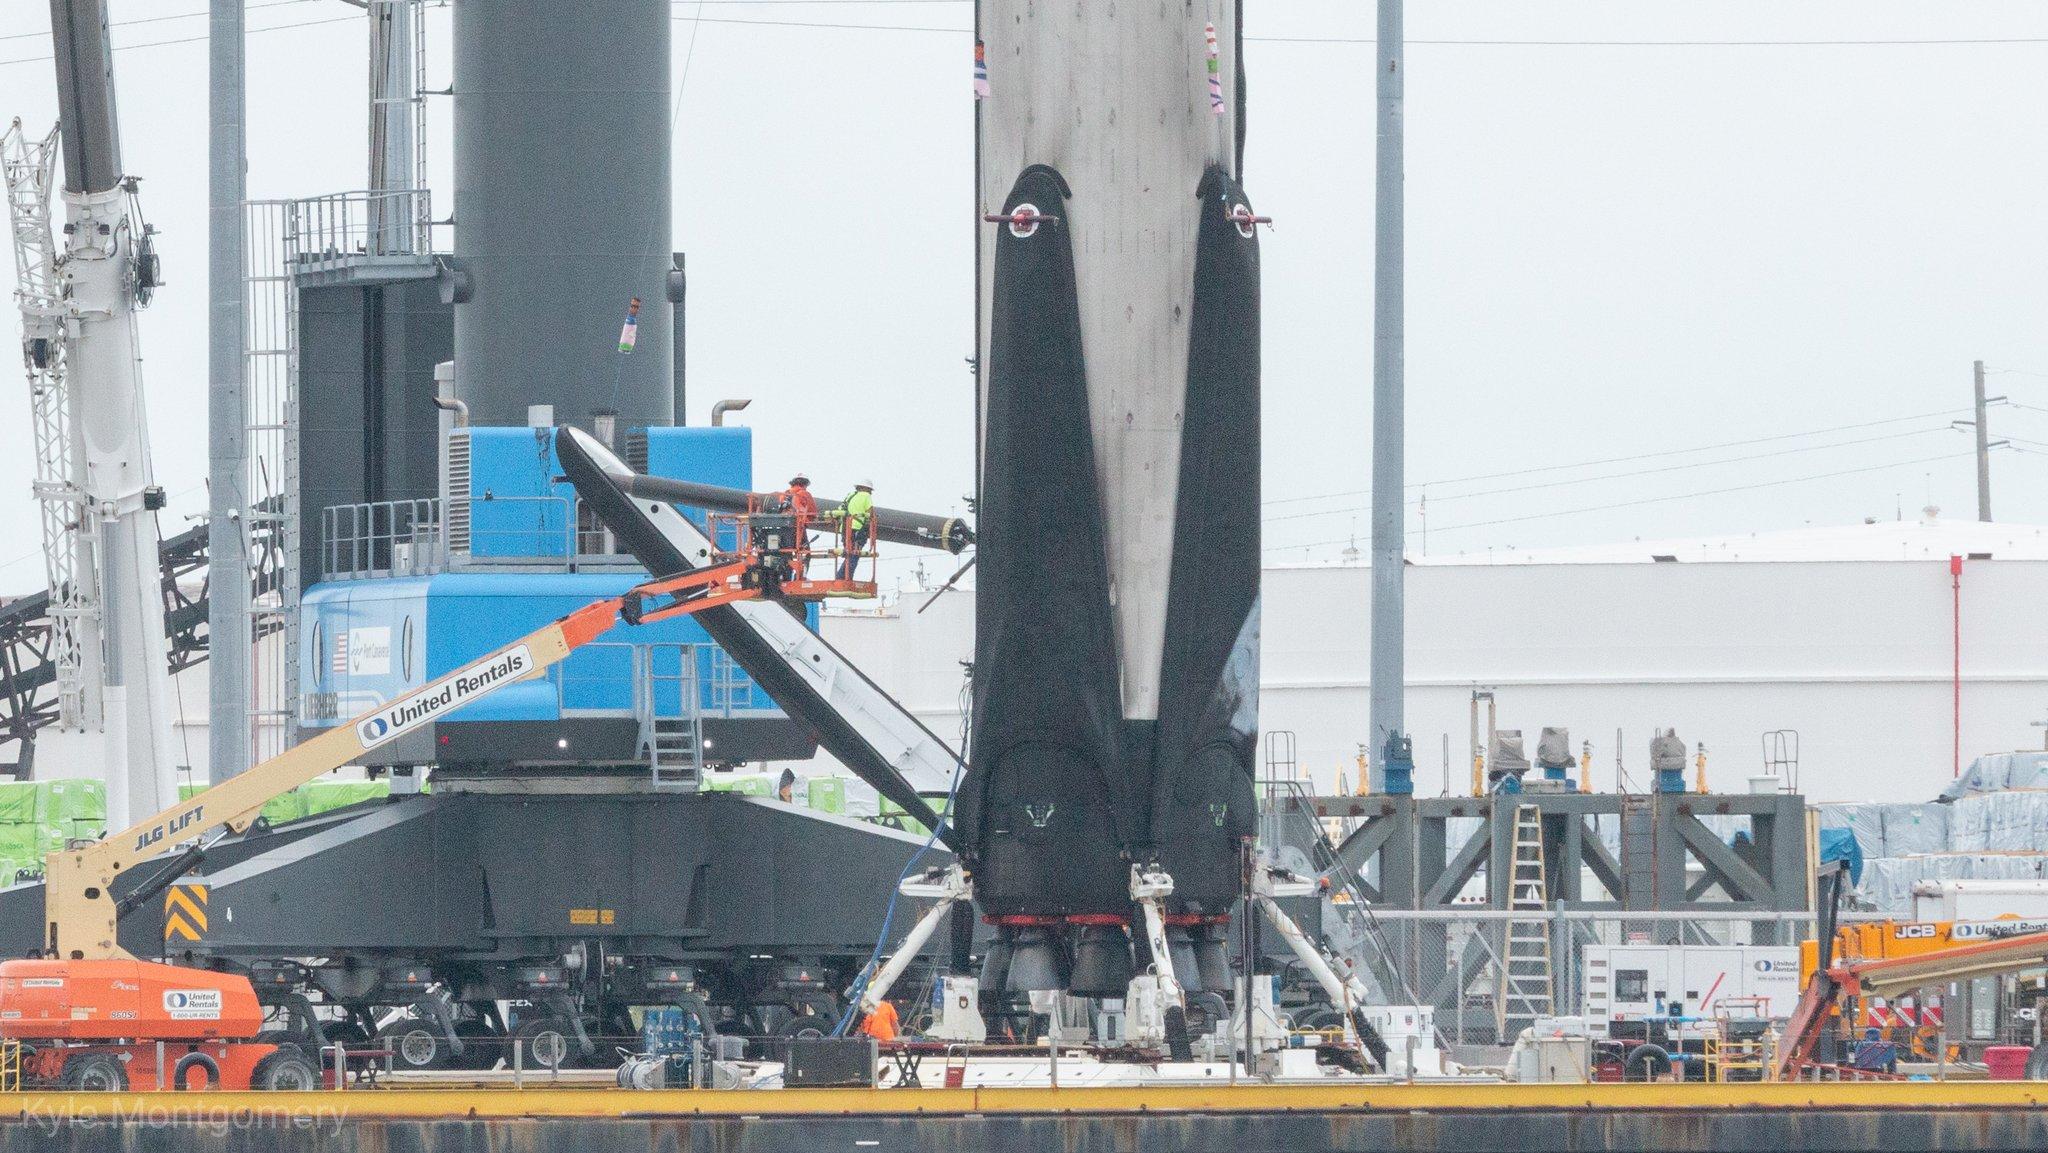 Falcon 9 (Dragon 2 Demo-2) - KSC - 30.5.2020 (2/2) - Page 7 EZmgTFaWoAQ6XAZ?format=jpg&name=large